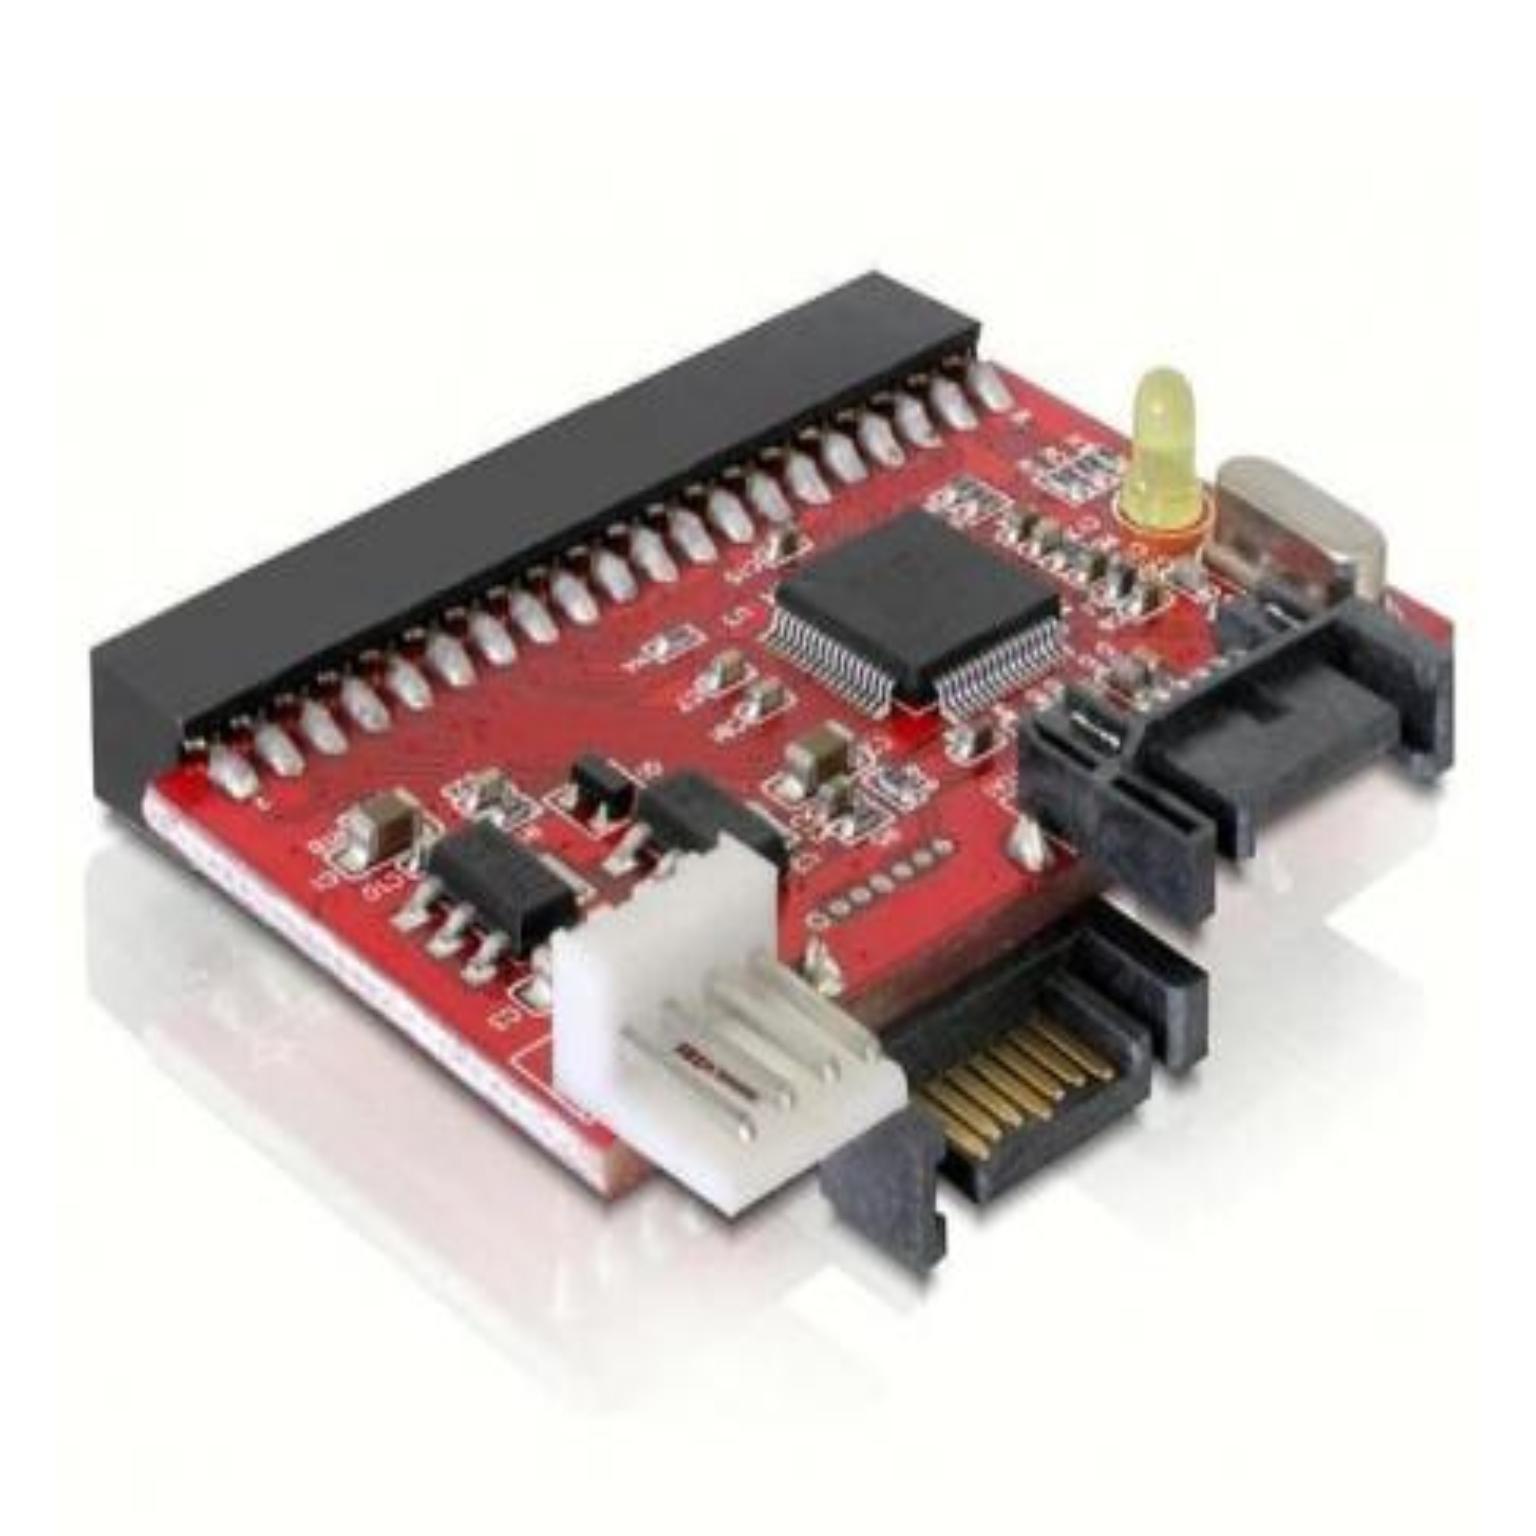 SATA - IDE converter